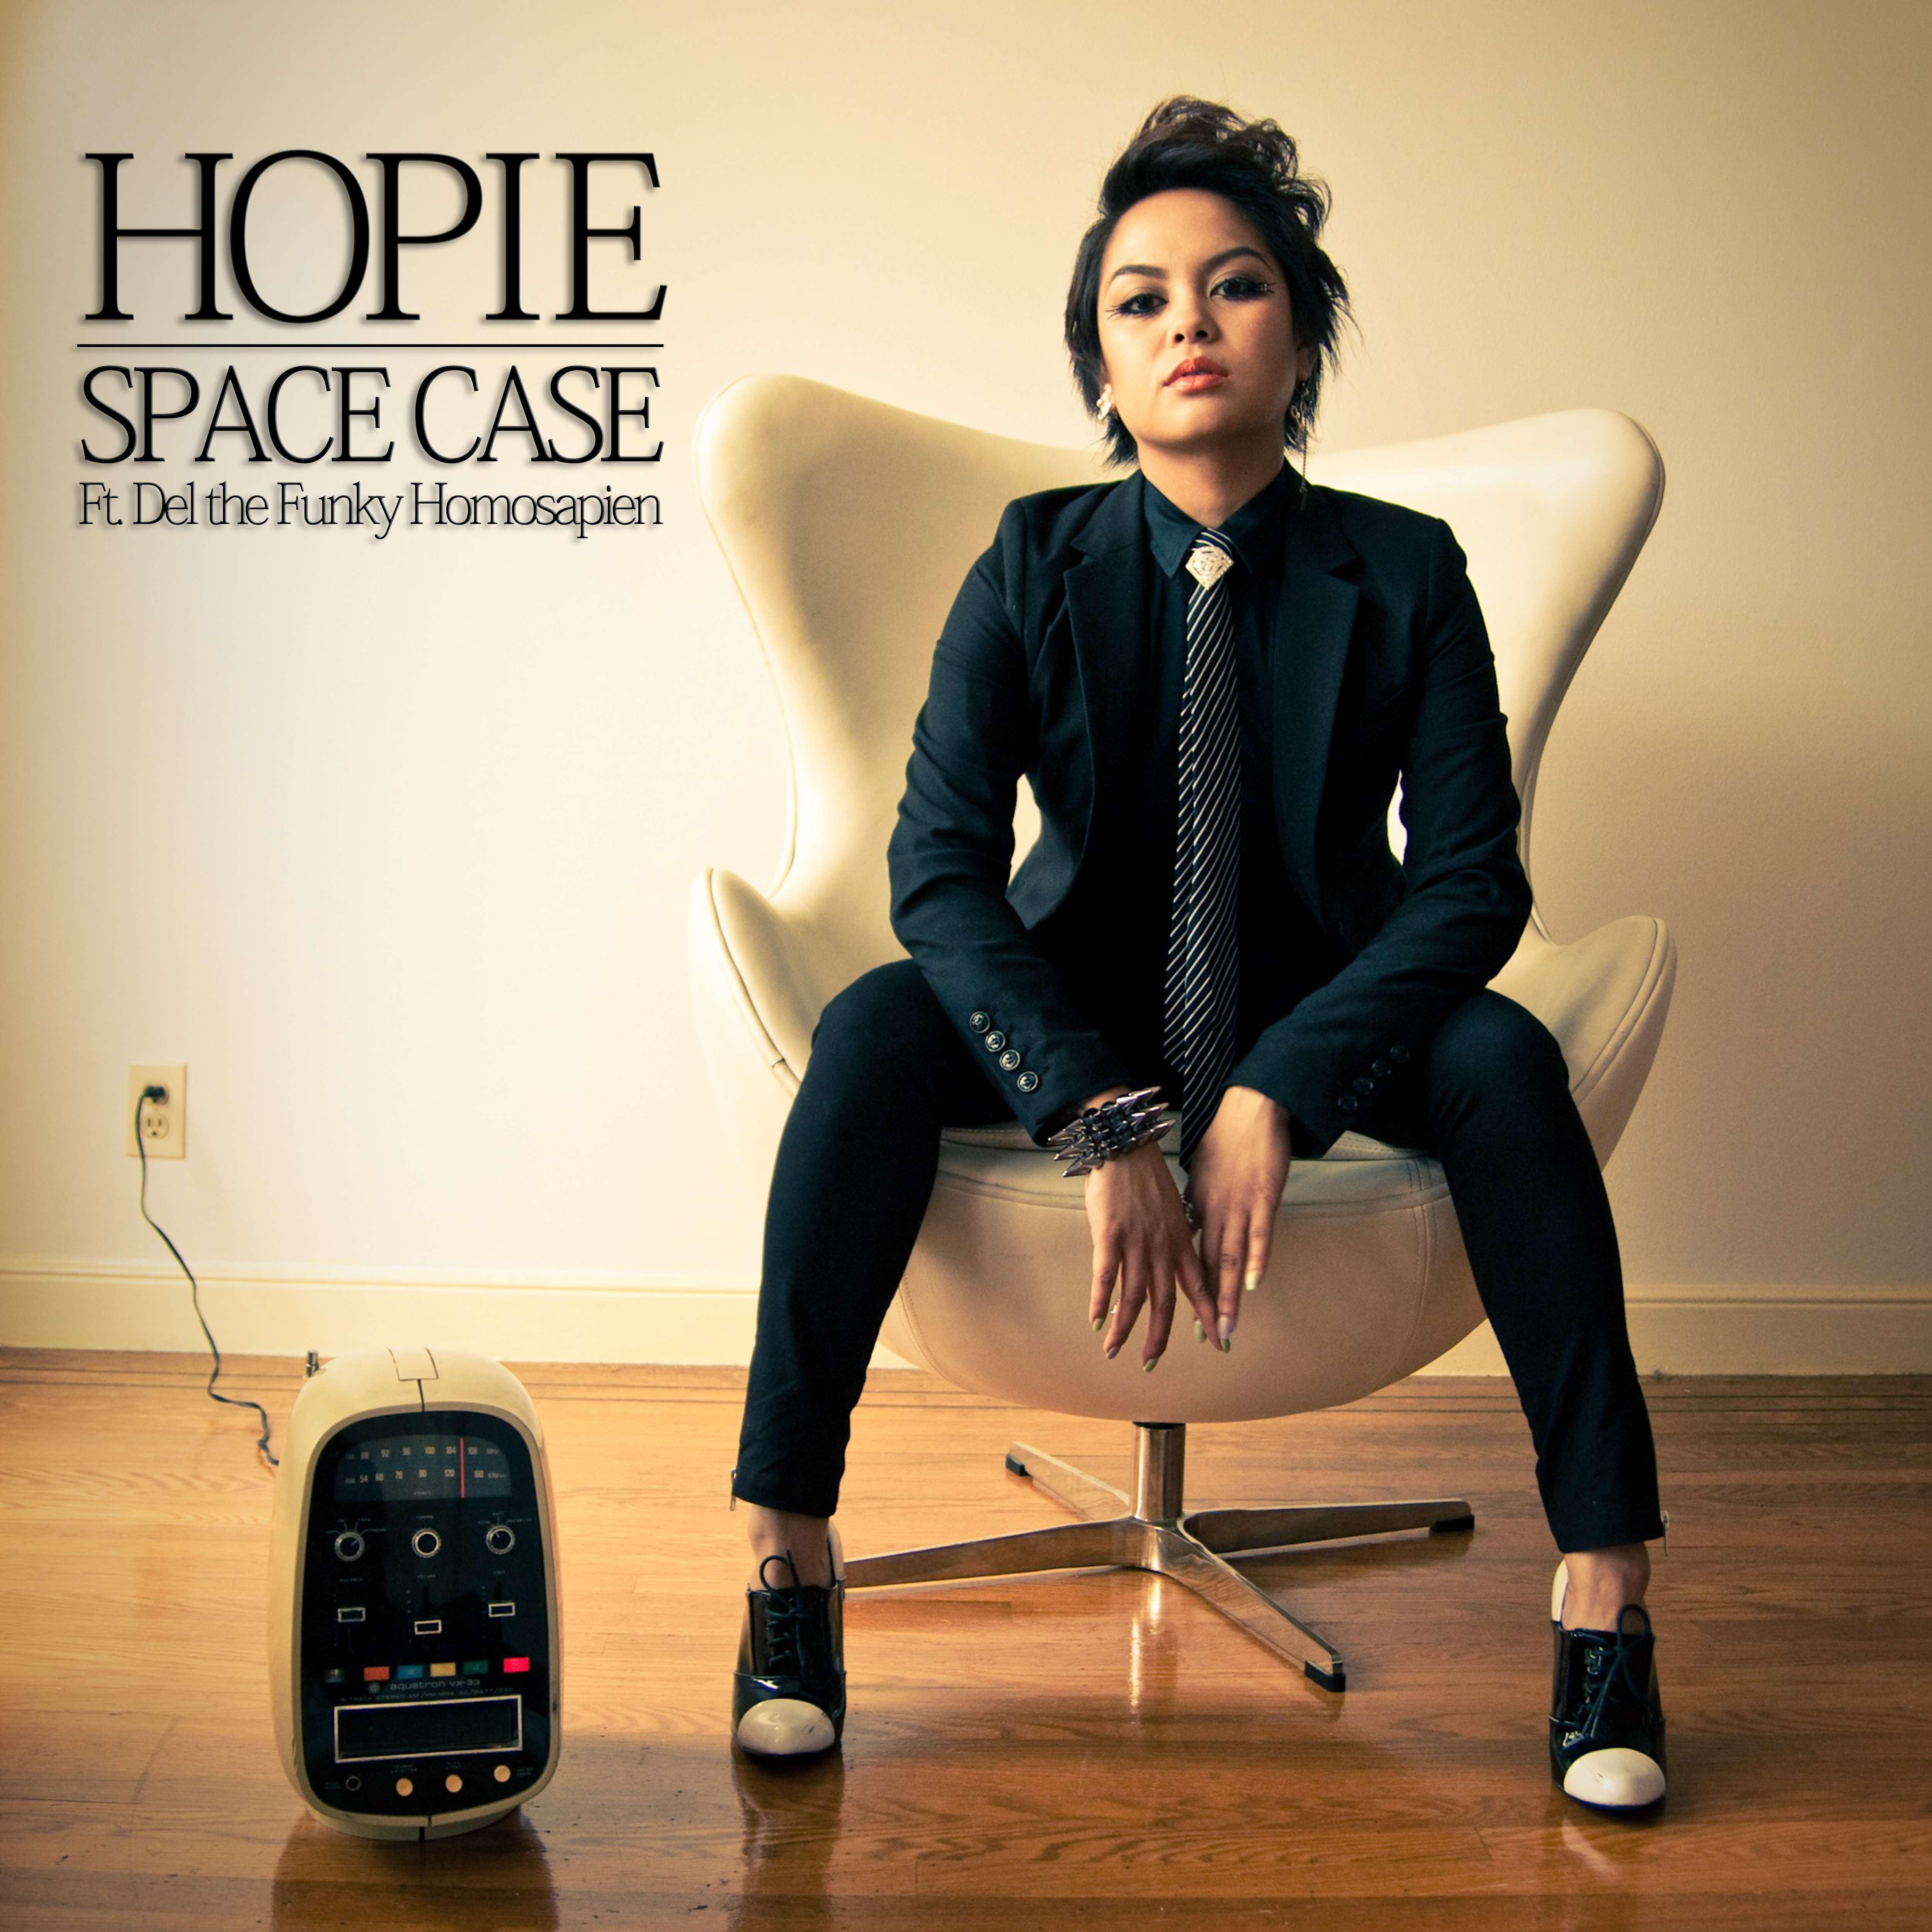 Hopie - Space Case ft. Del the Funky Homosapien **Audio**